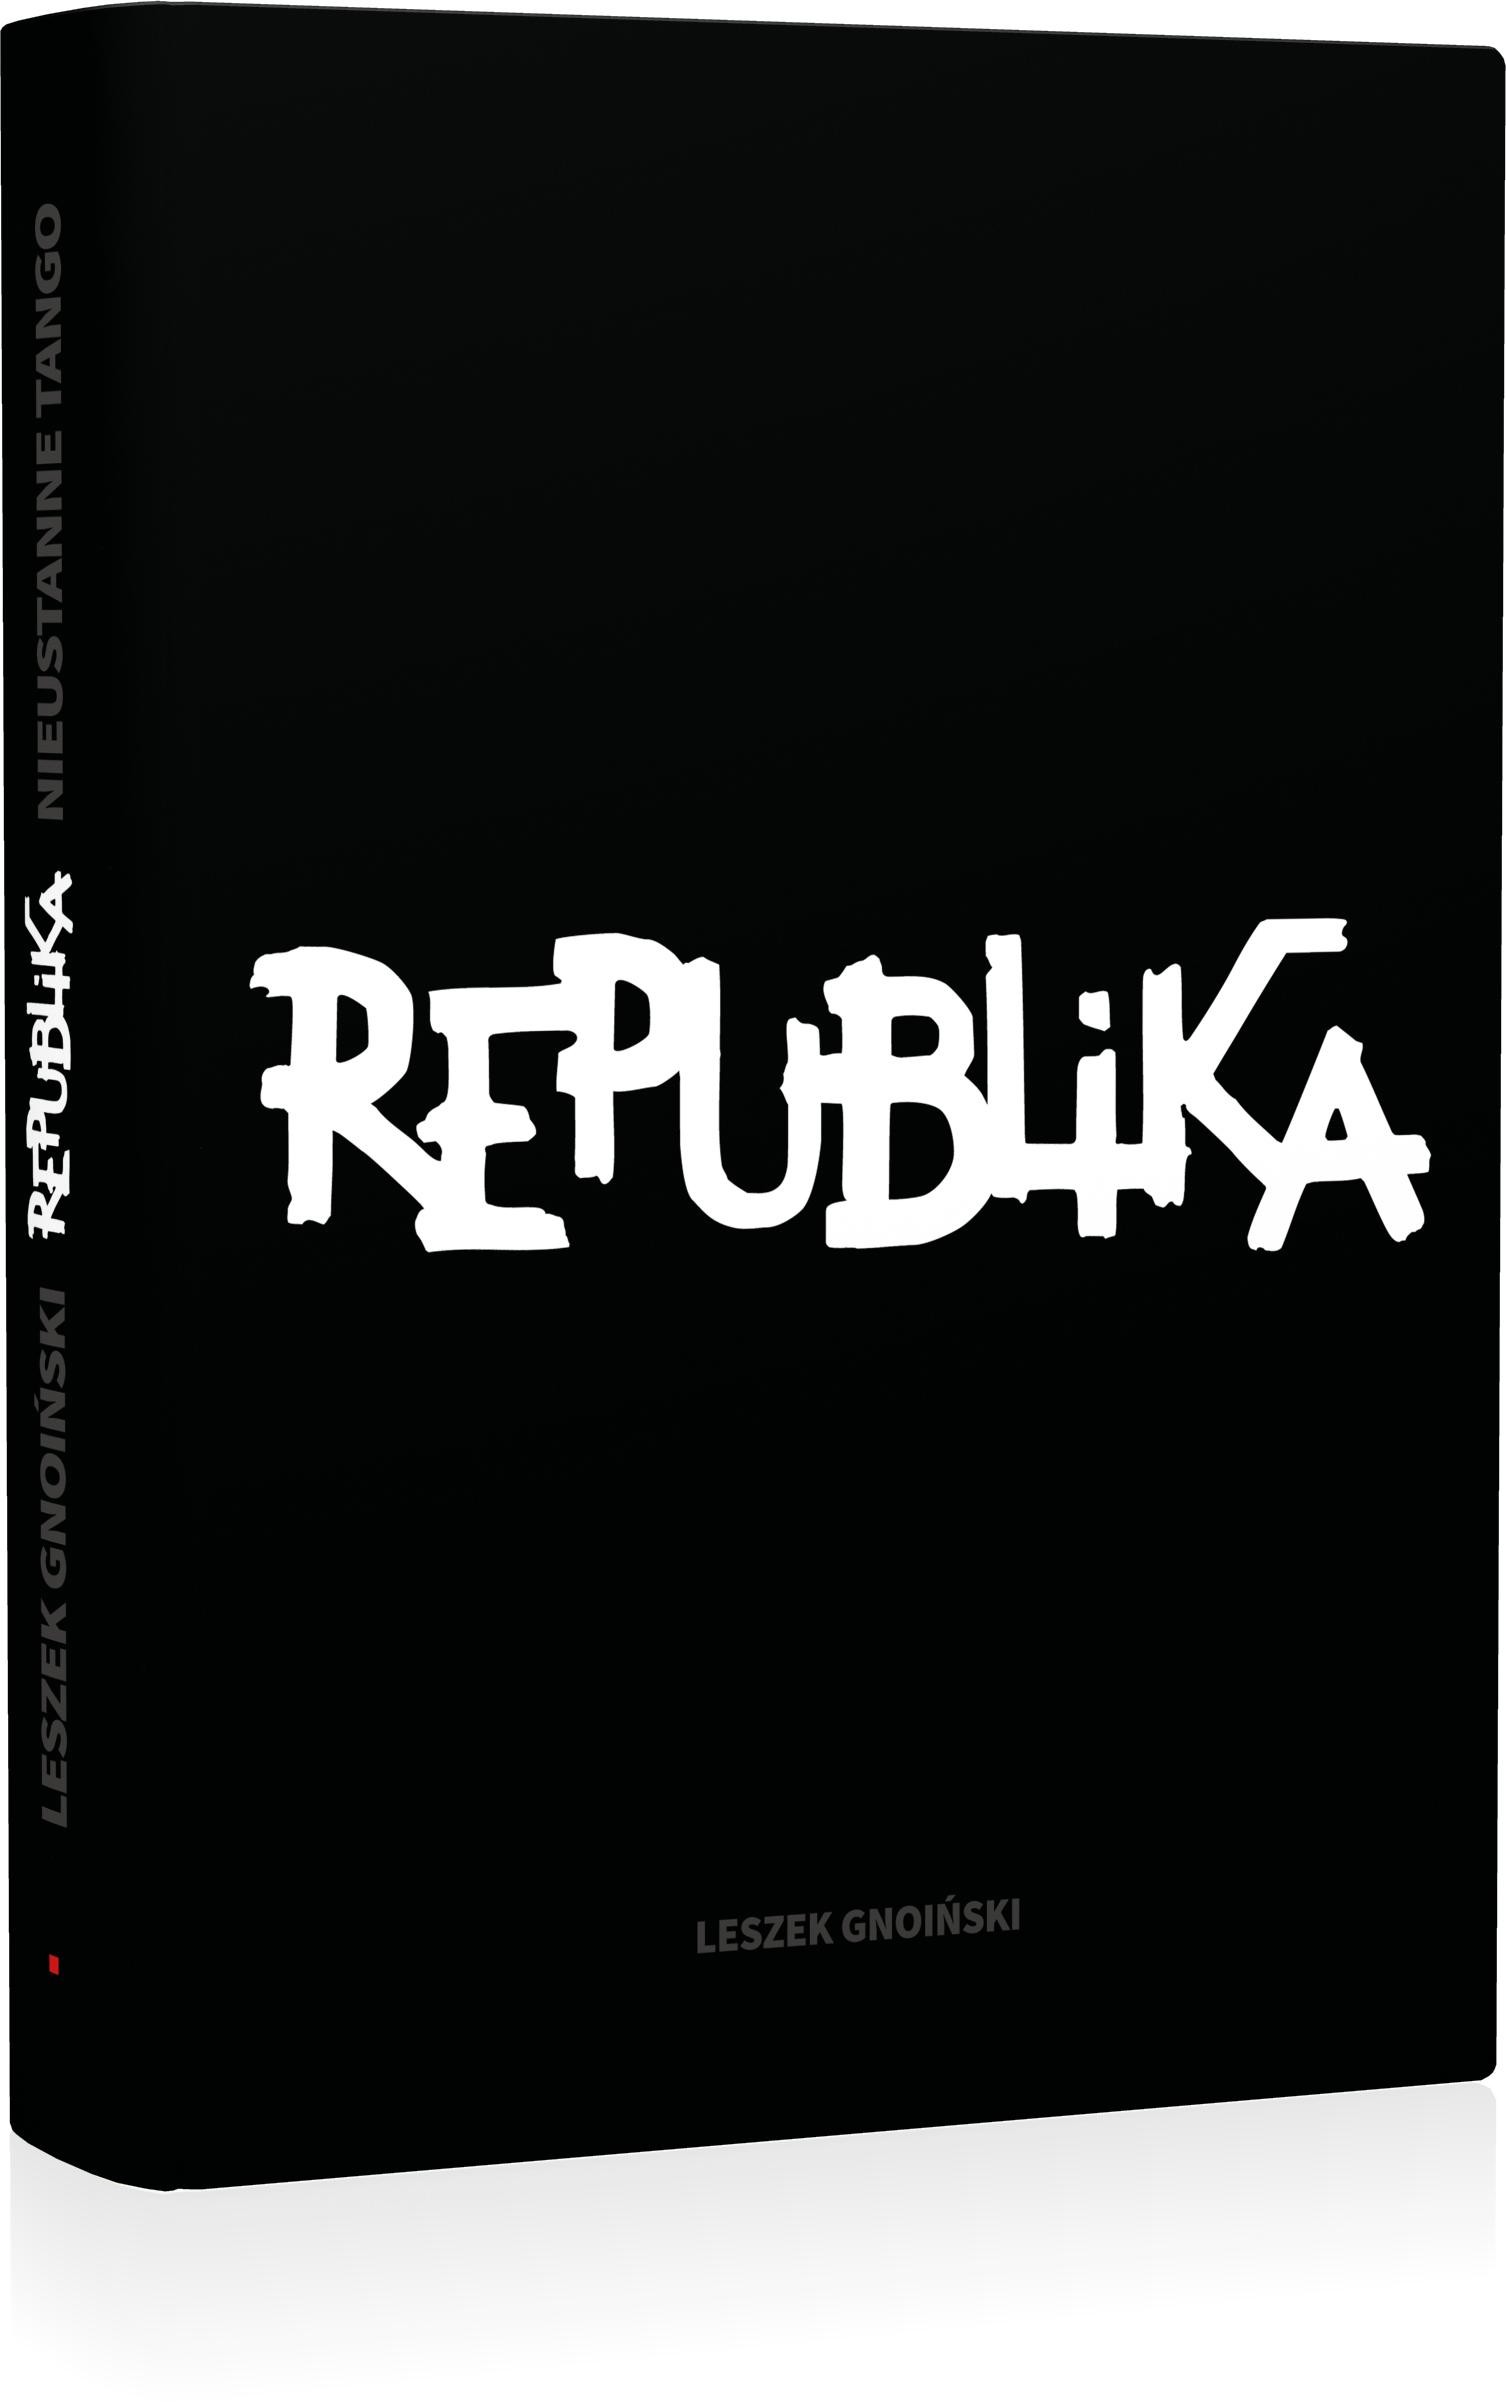 """""""Republika. Ostatni taniec"""" – spotkanie autorskie z Leszkiem Gnoińskim"""